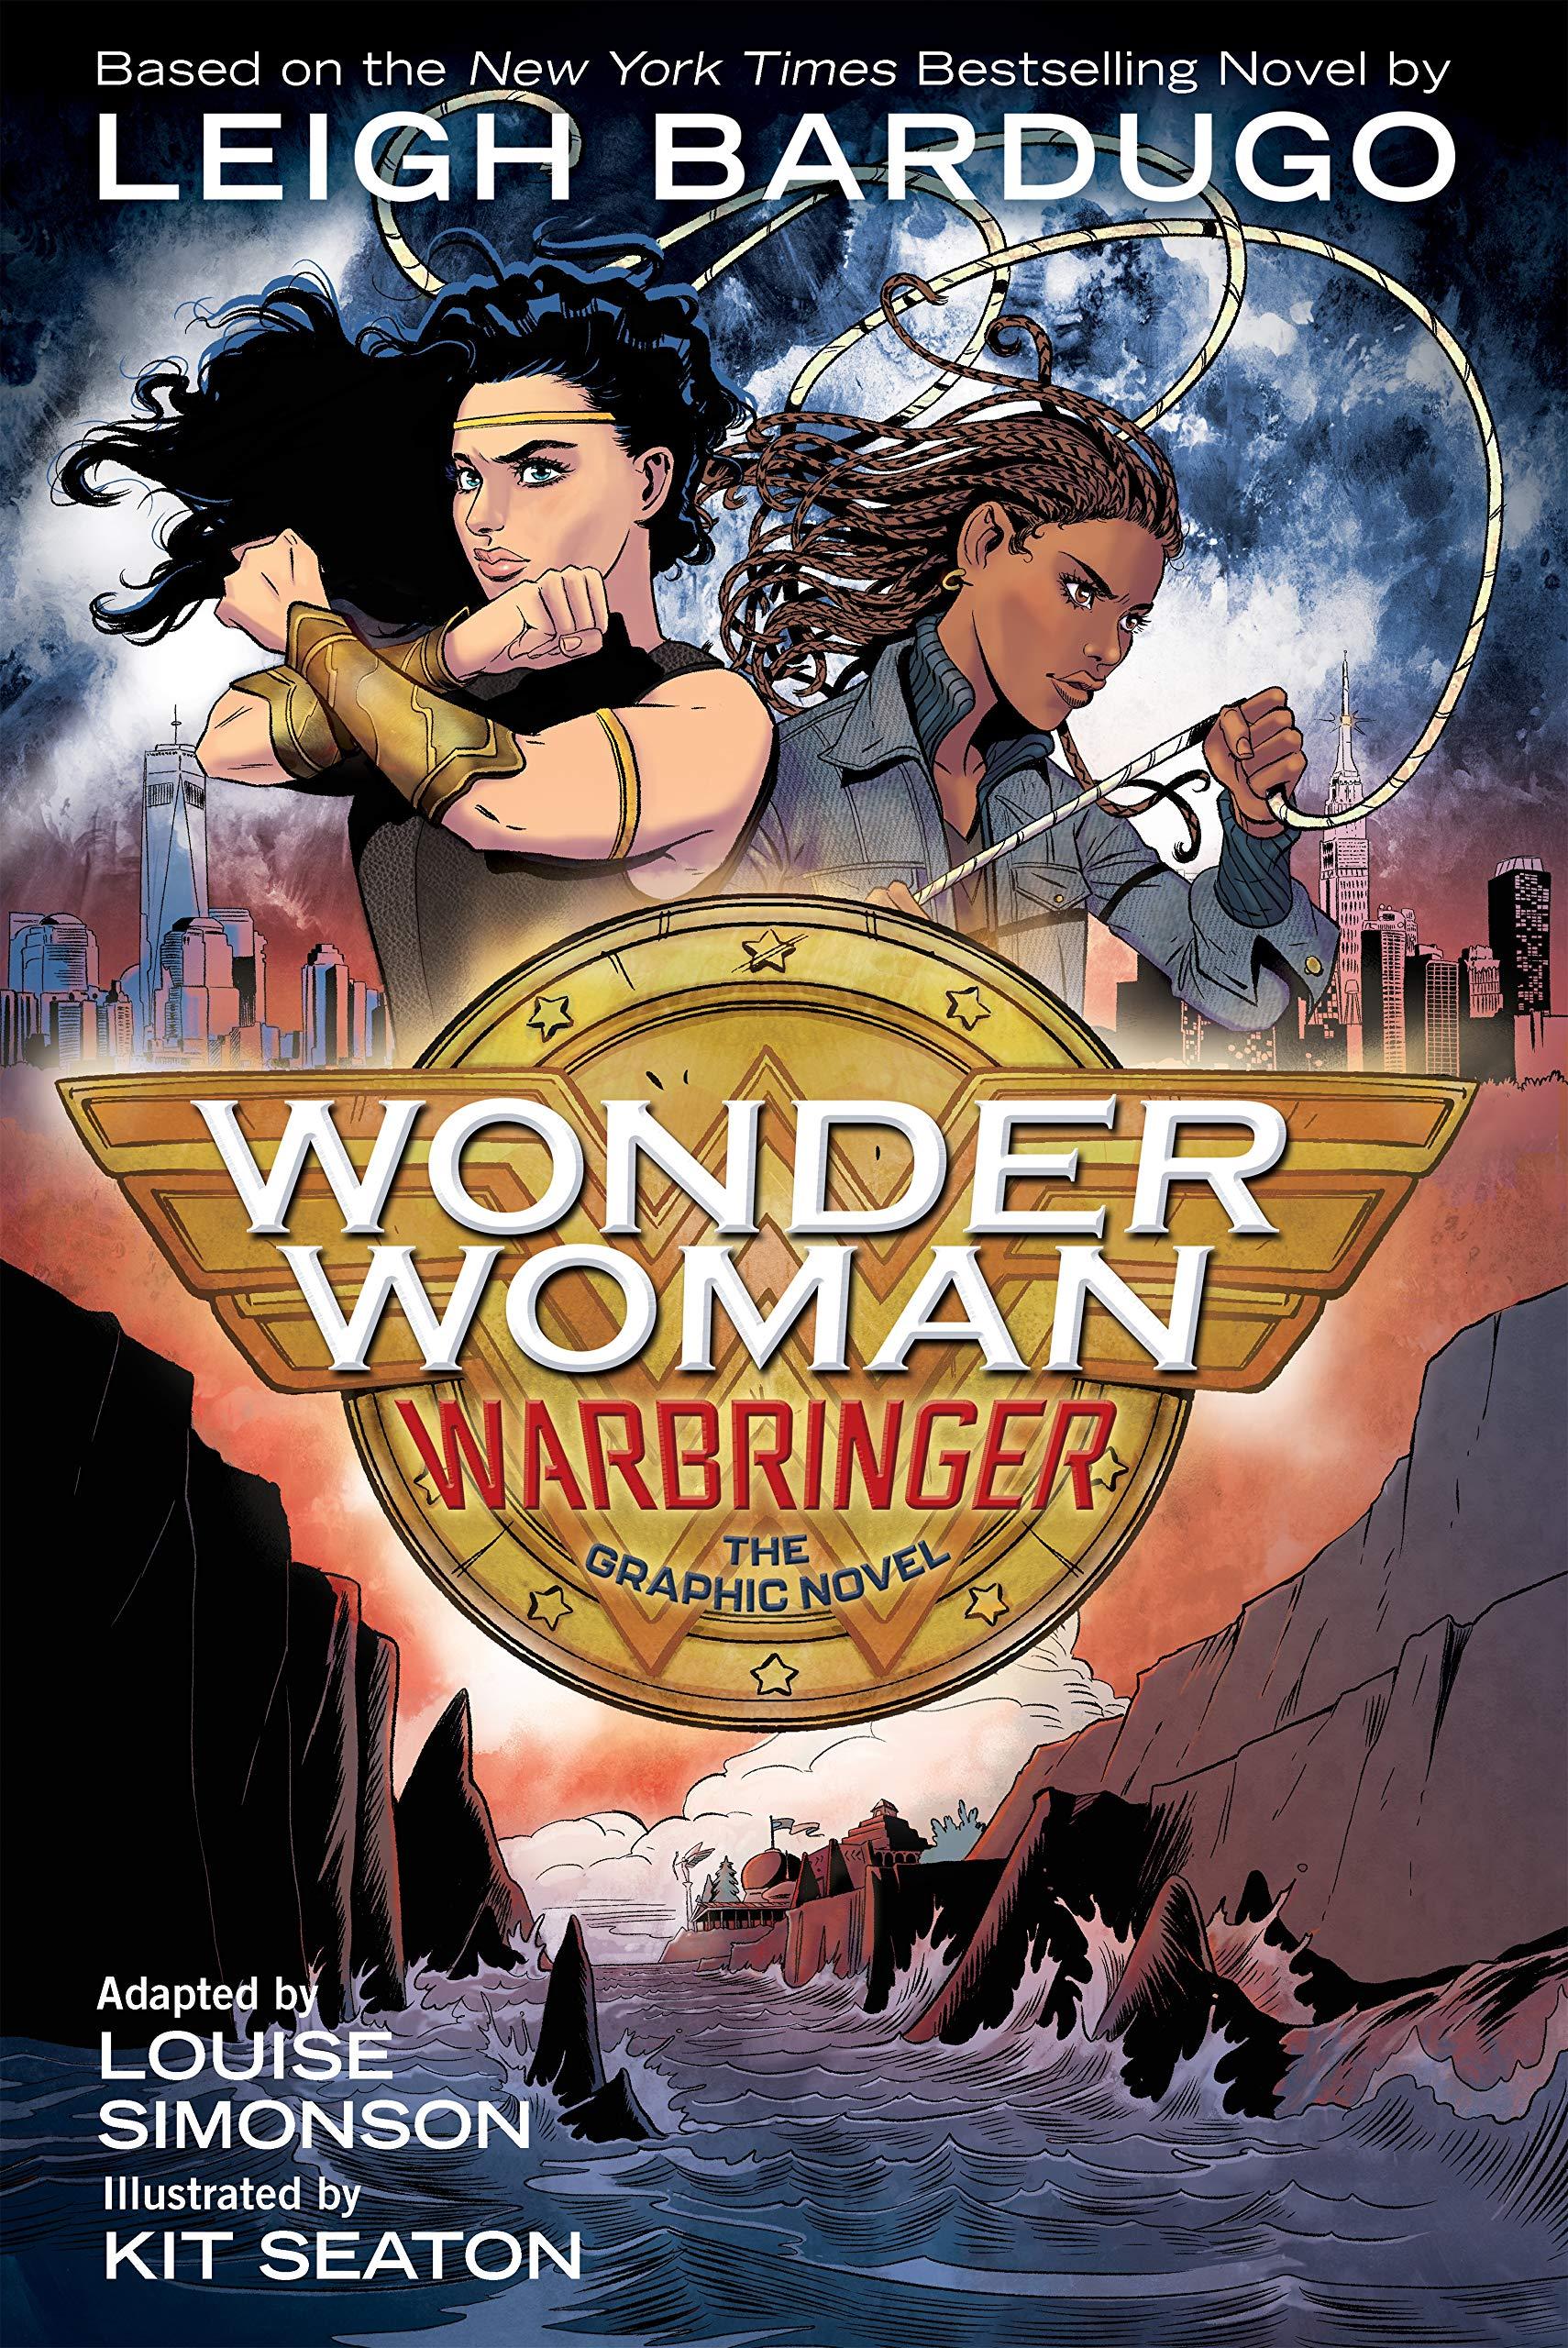 Graphic Novels for Winter 2020: Wonder Woman: Warbringer